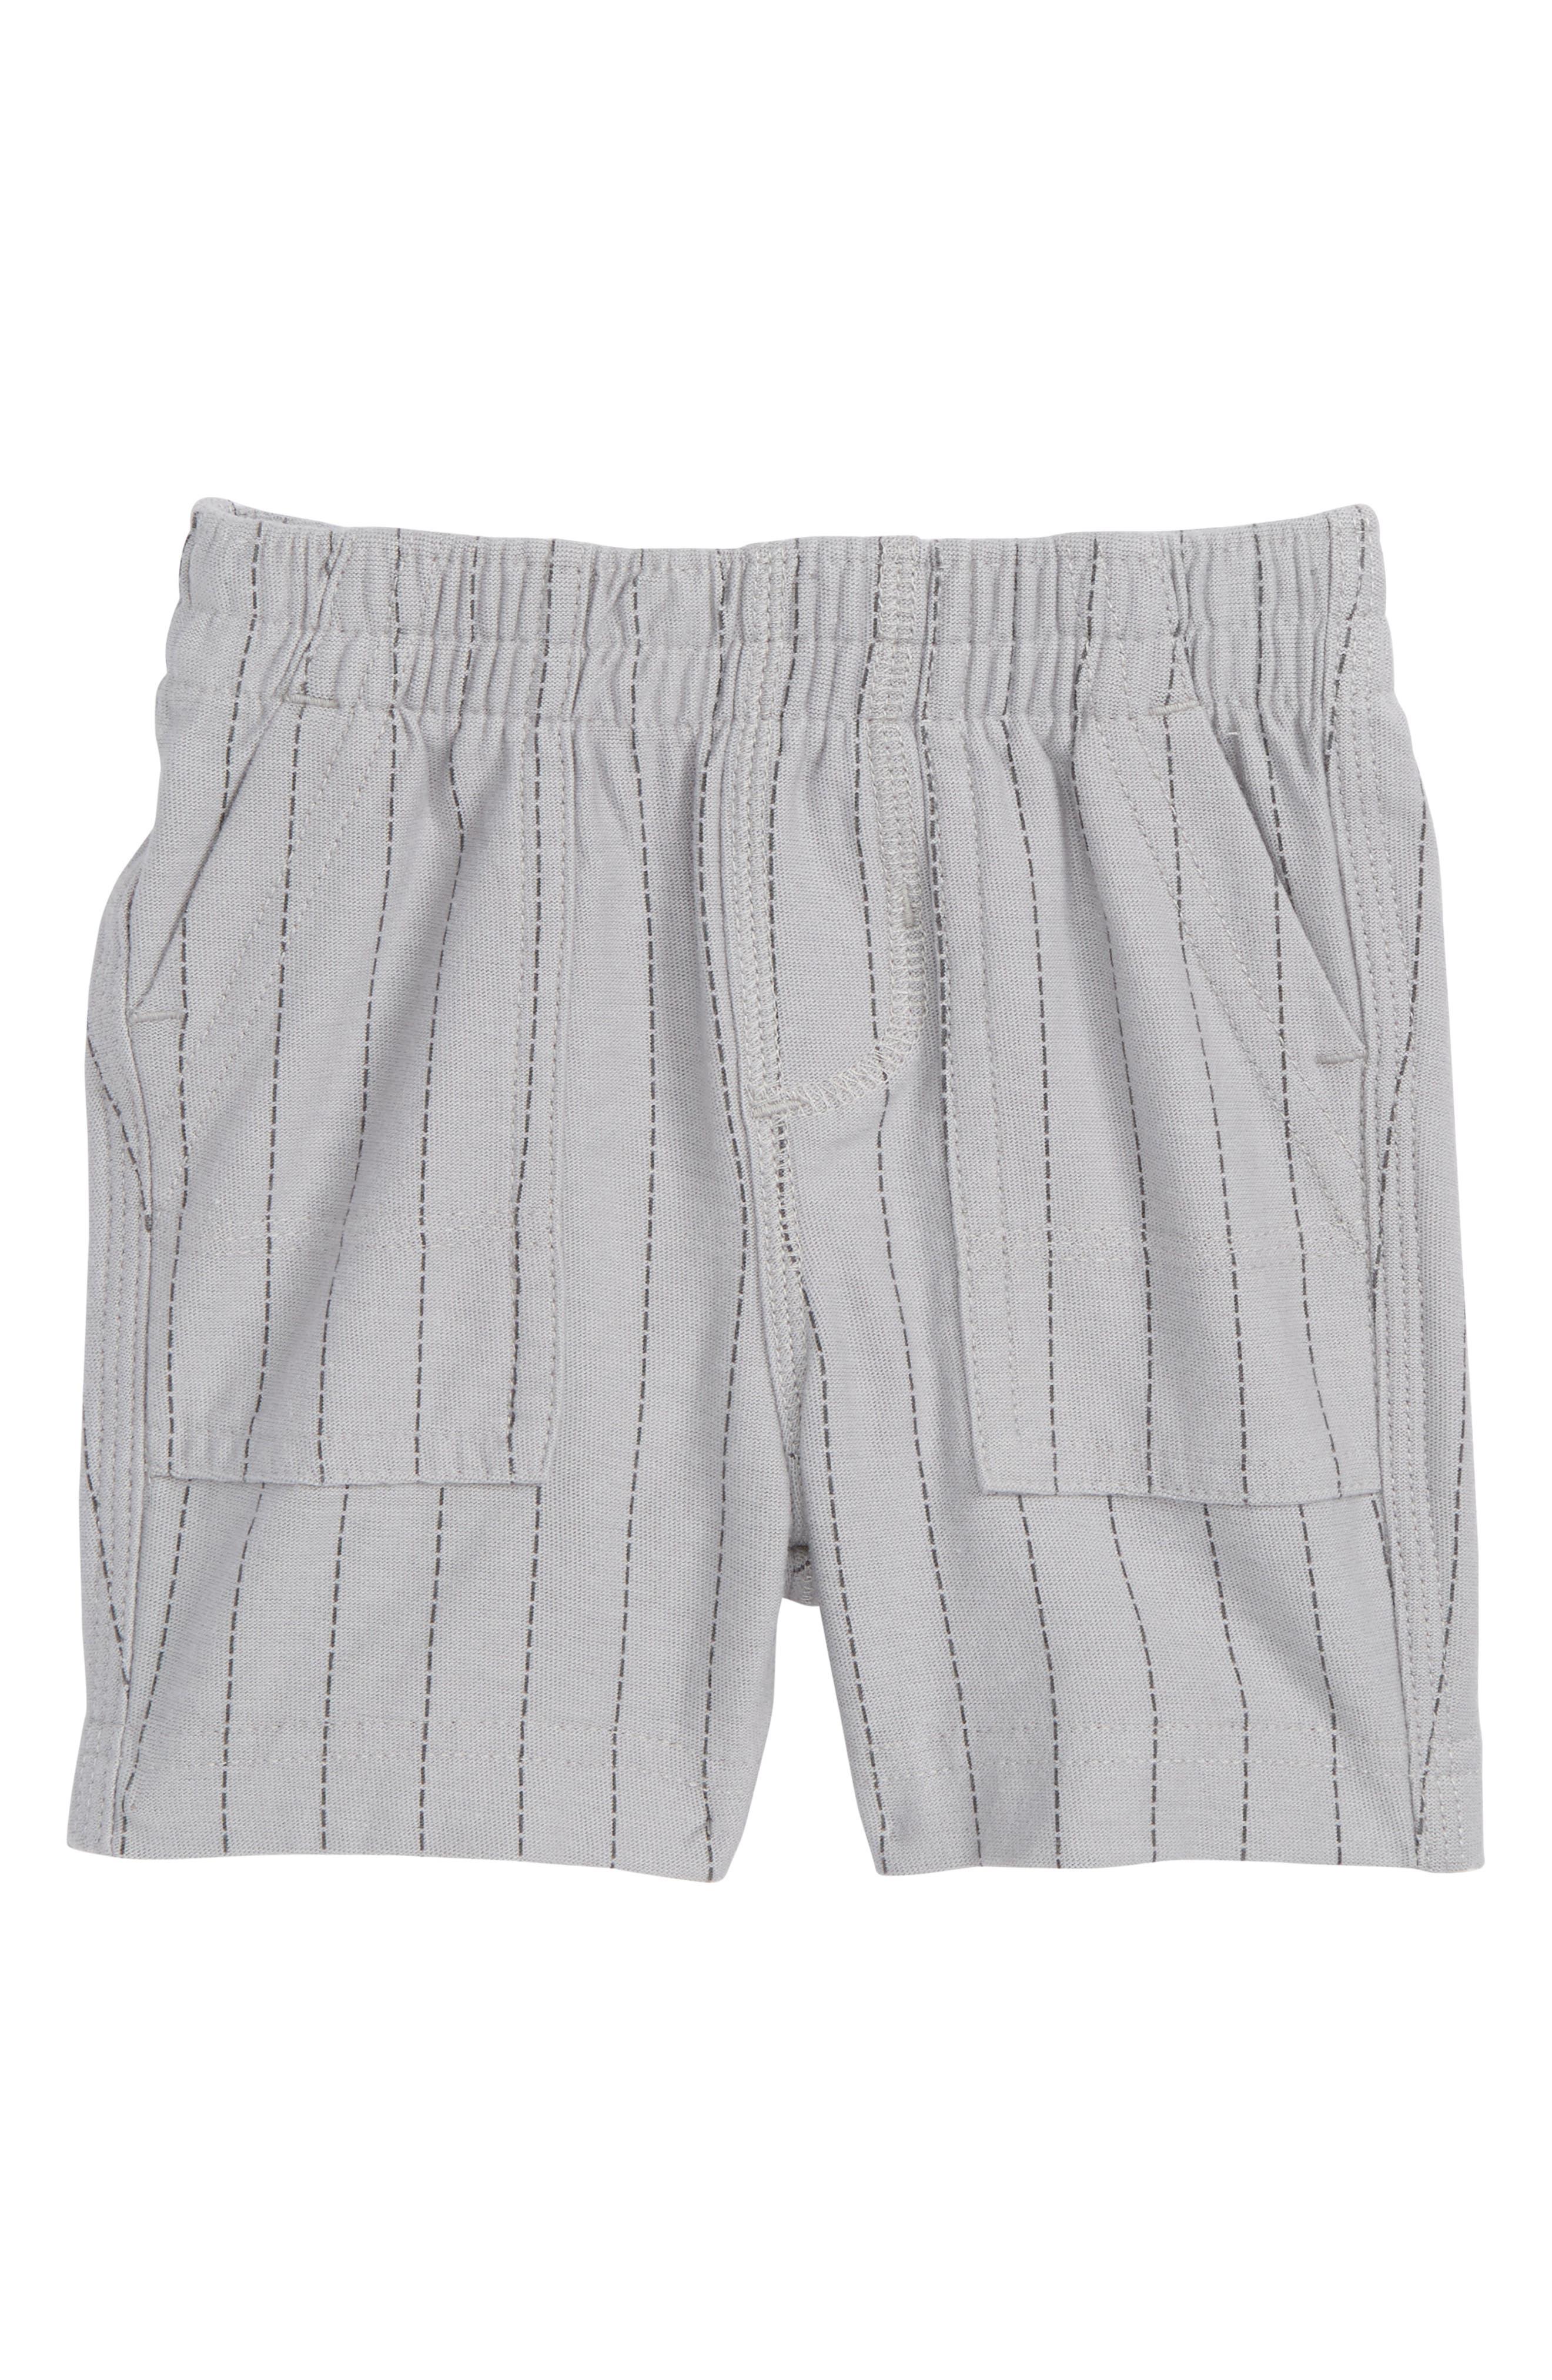 Stripe Shorts,                             Main thumbnail 1, color,                             052